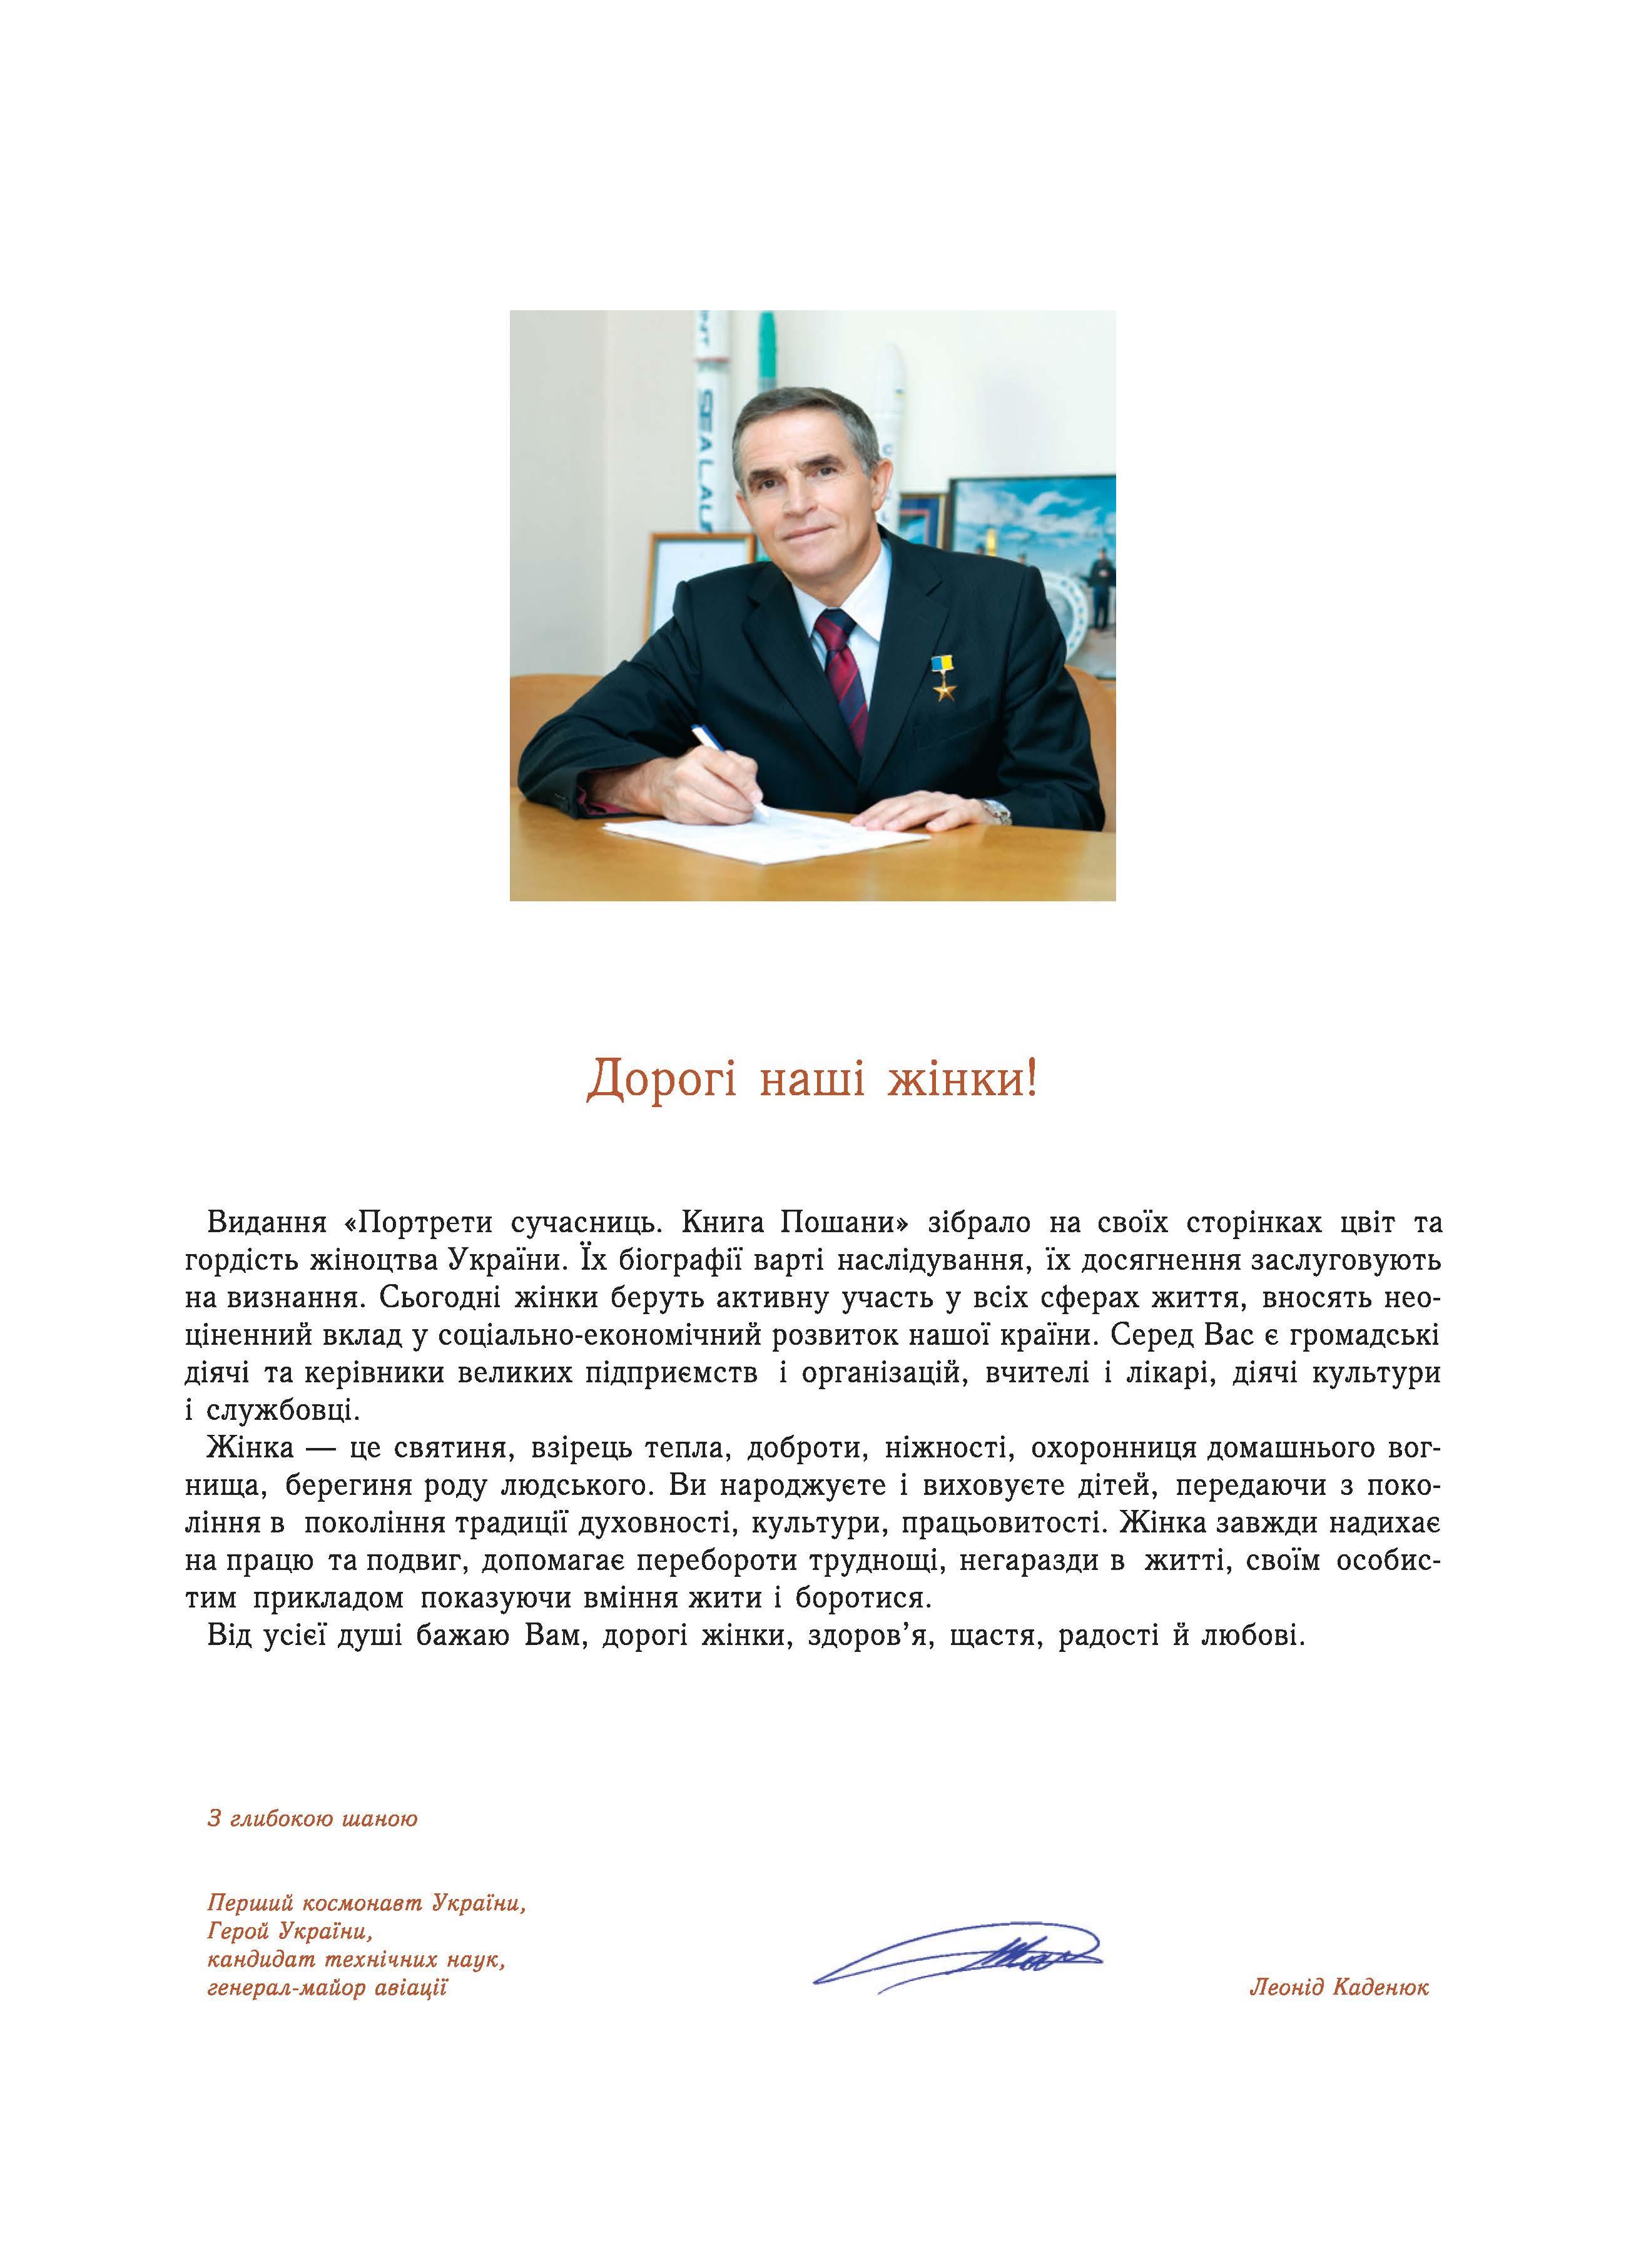 Звернення до читачів Каденюка Леоніда Костянтиновича - першого космонавта незалежної України